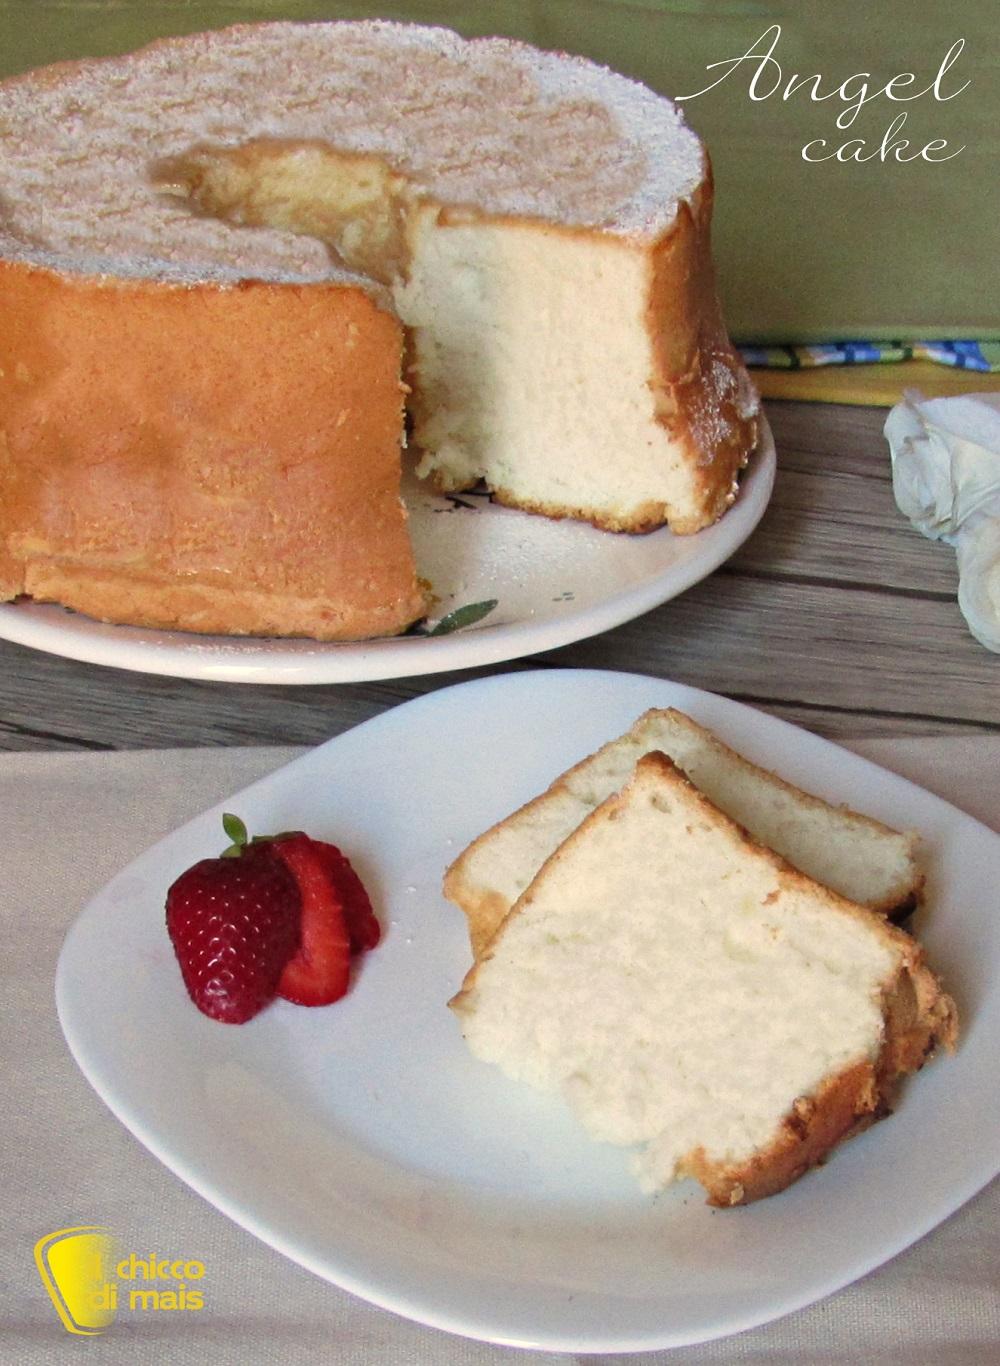 verticale_angel cake ricetta torta solo albumi senza burro né olio anche senza glutine il chicco di mais